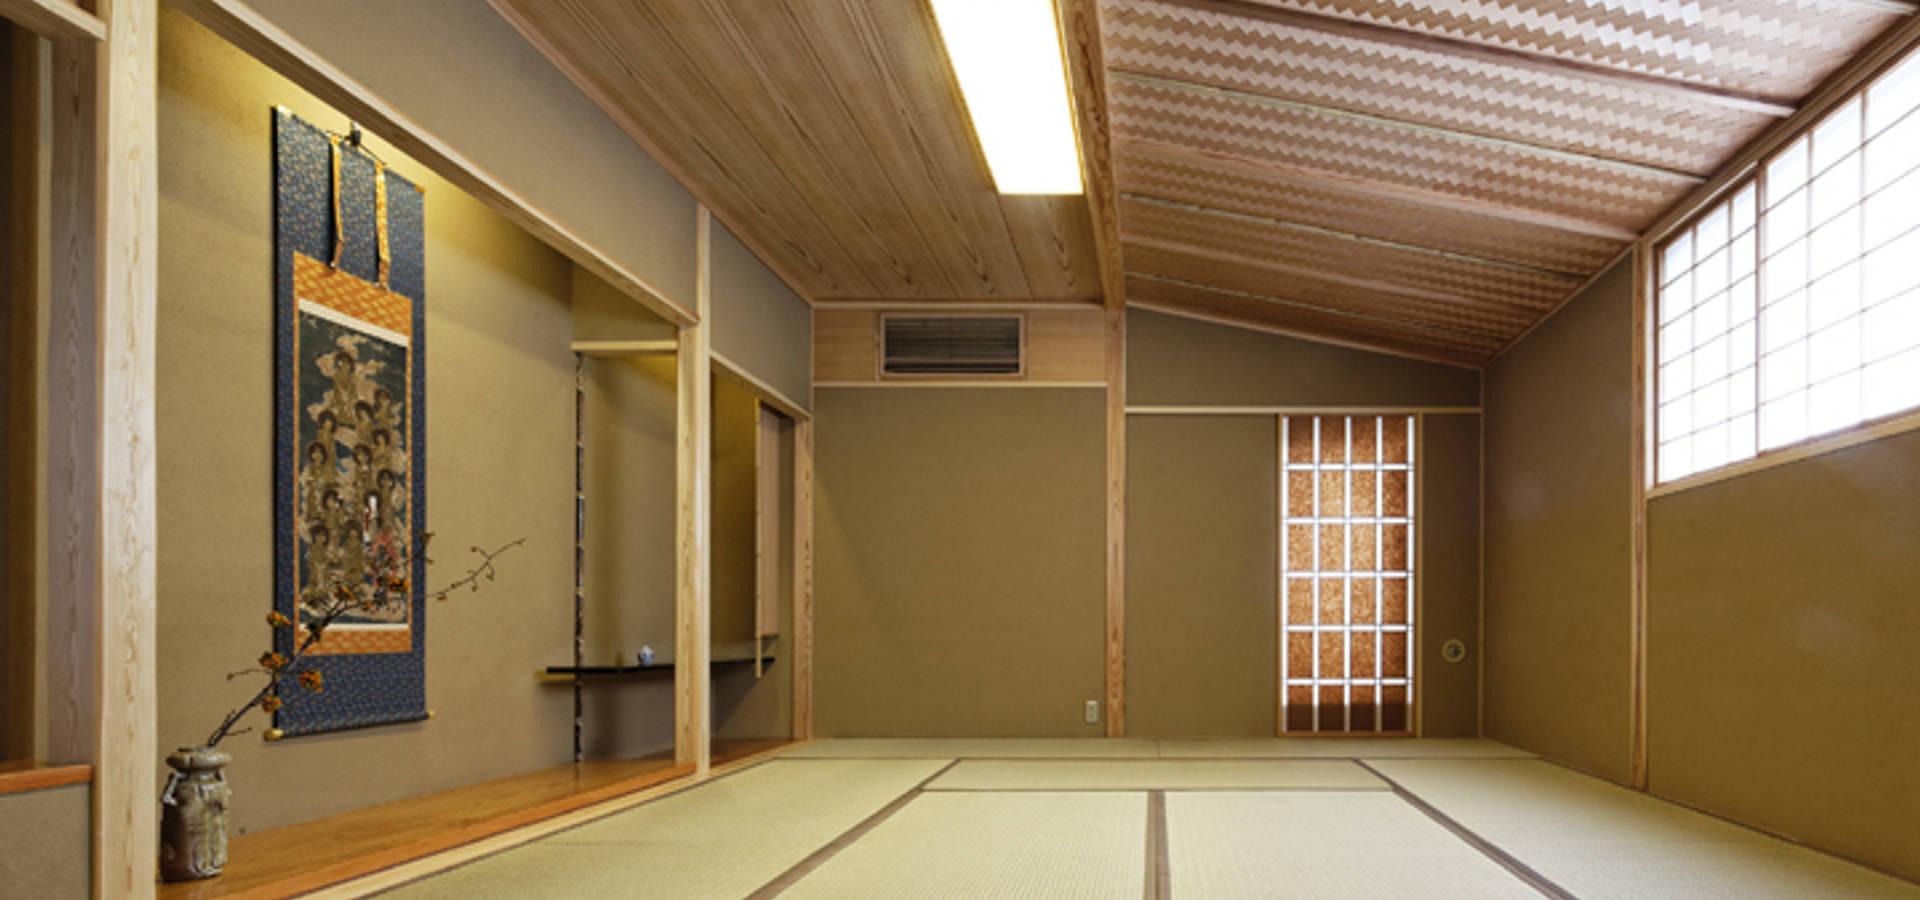 矩須雅建築研究所